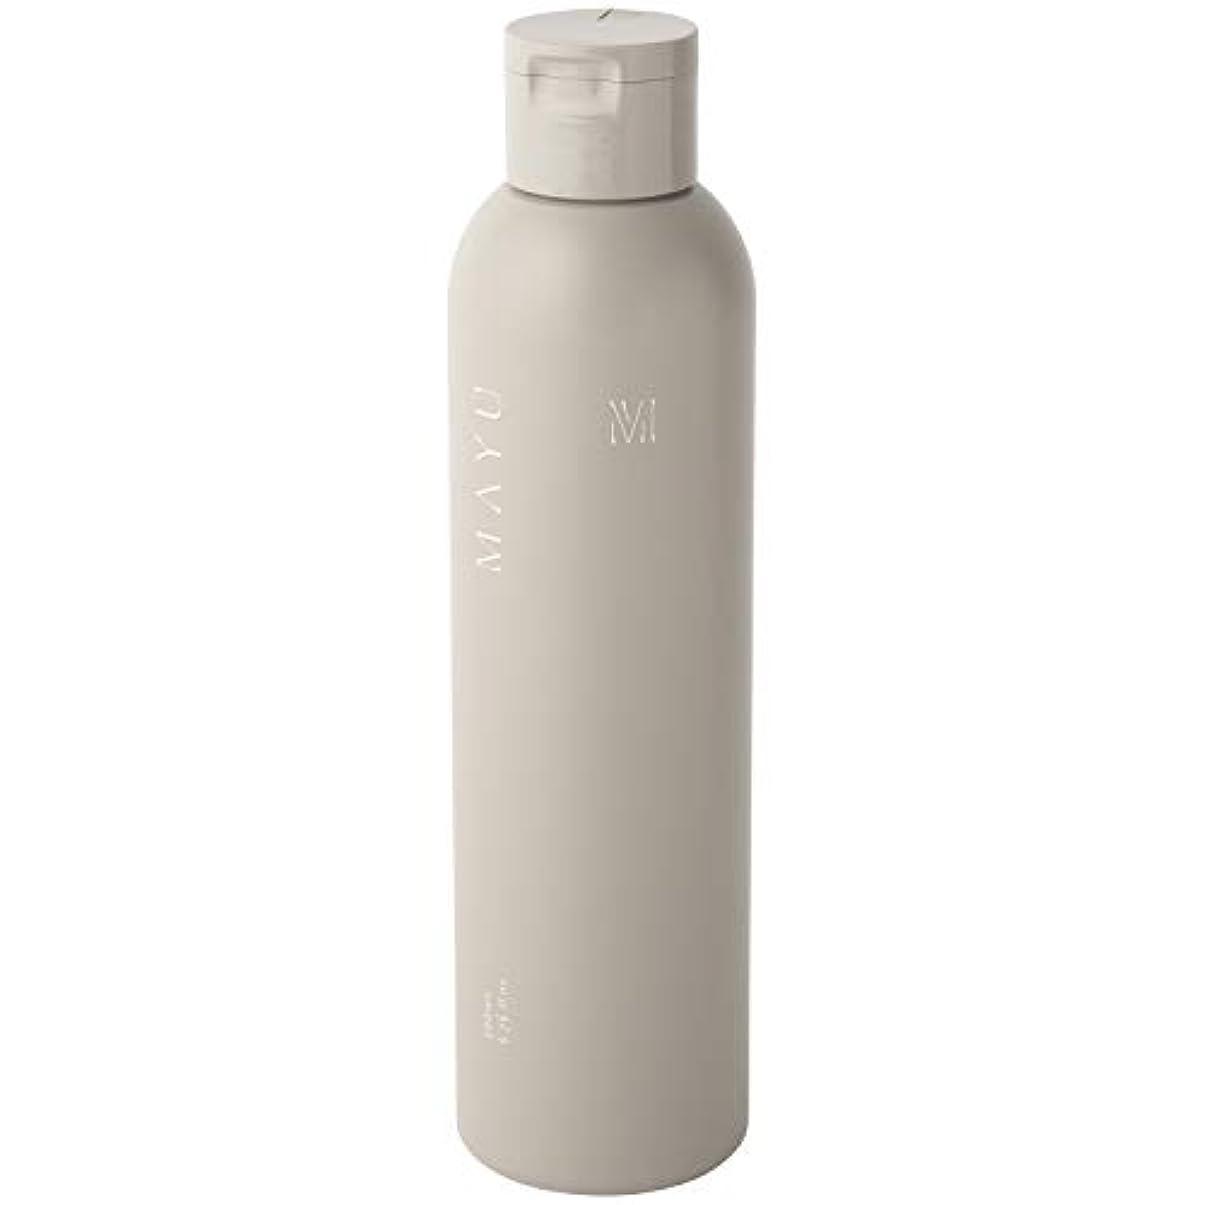 称賛ビーム大邸宅【365Plus】 MAYU さくらの香りシャンプー (200ml) 1本入り